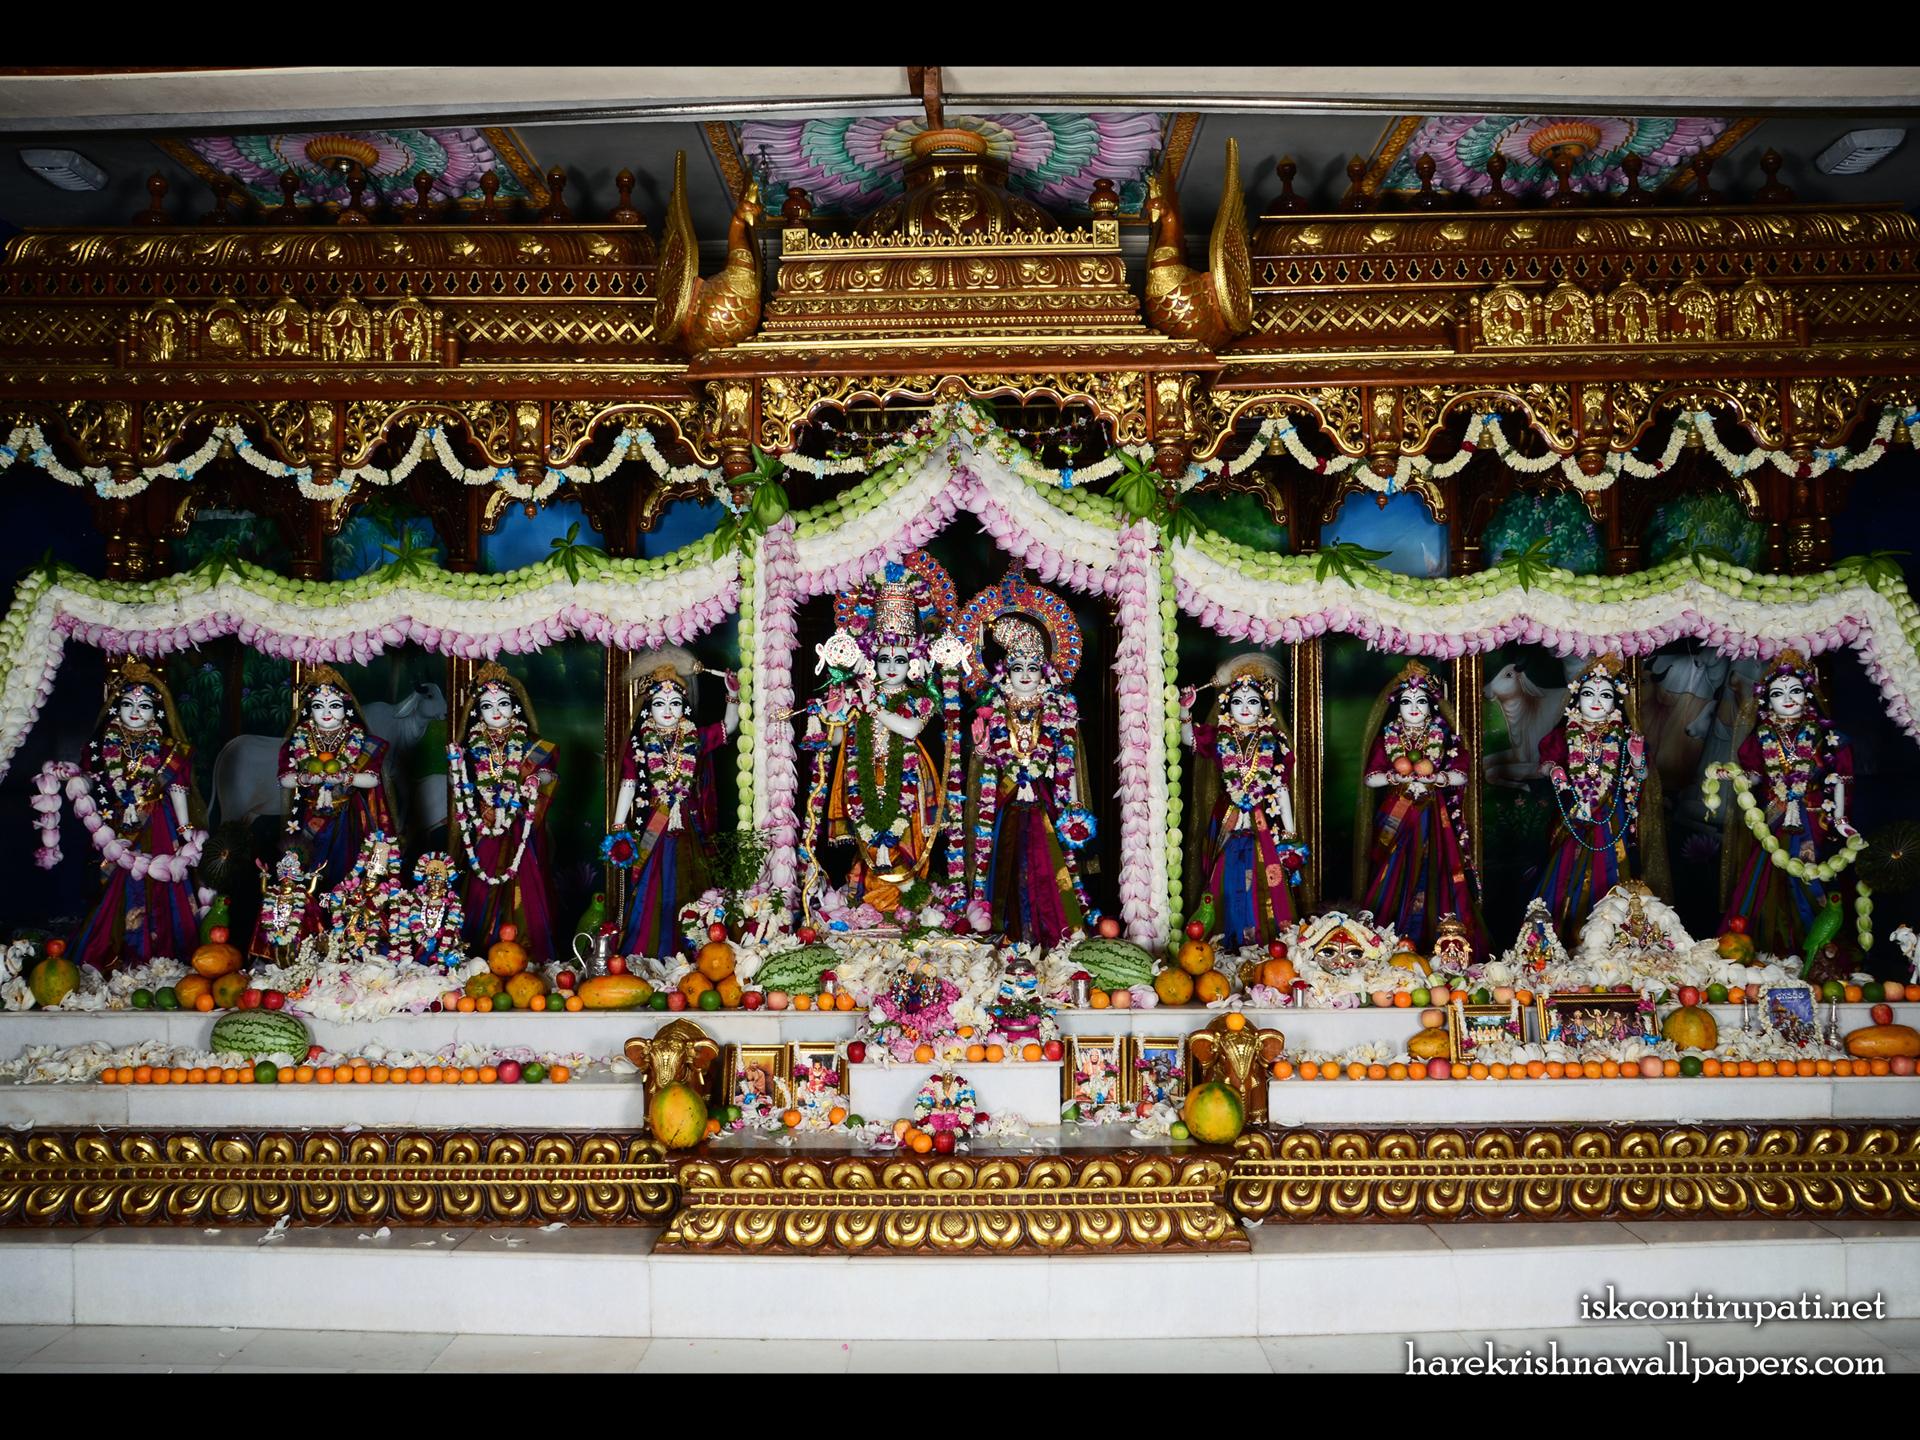 Sri Sri Radha Govinda with Ashtasakhi Wallpaper (008) Size 1920x1440 Download